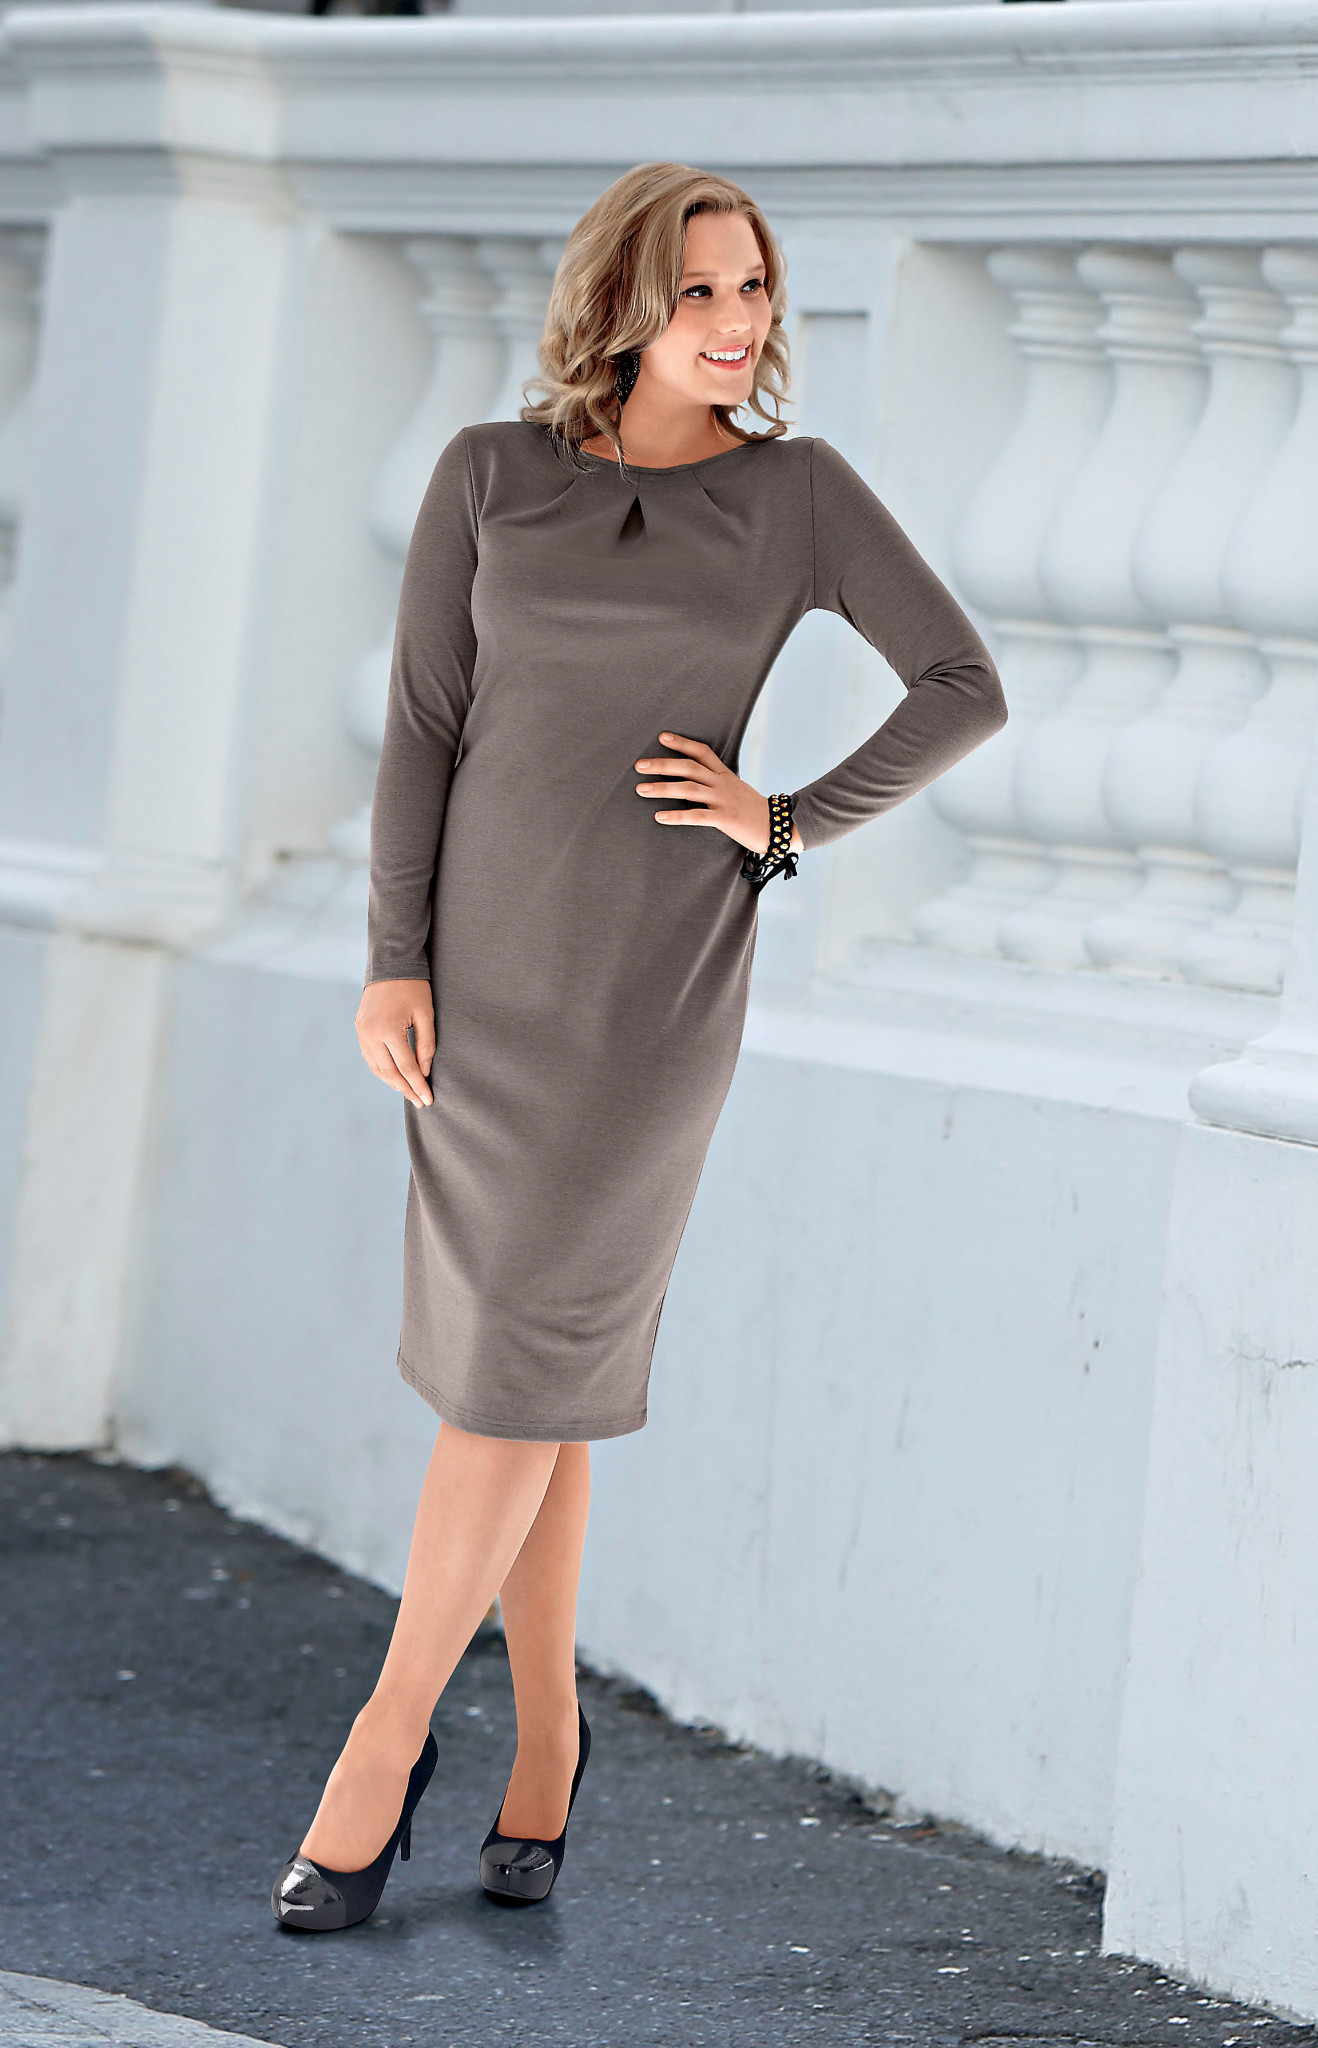 Мода плюс: учимся правильно подбирать наряд